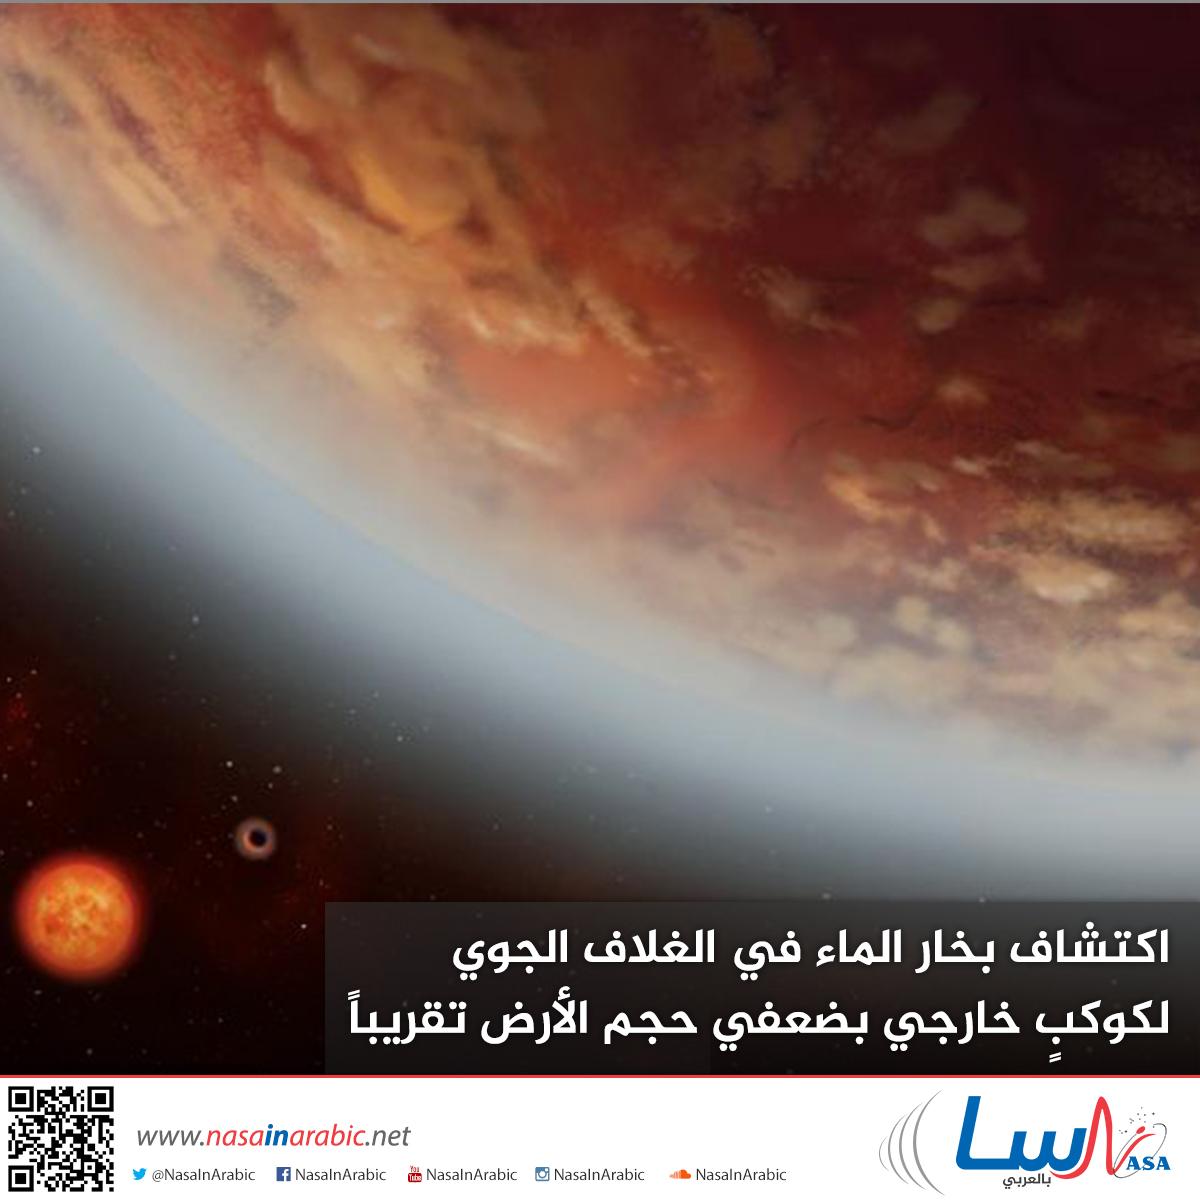 اكتشاف بخار الماء في الغلاف الجوي لكوكبٍ خارجي بضعفي حجم الأرض تقريباً